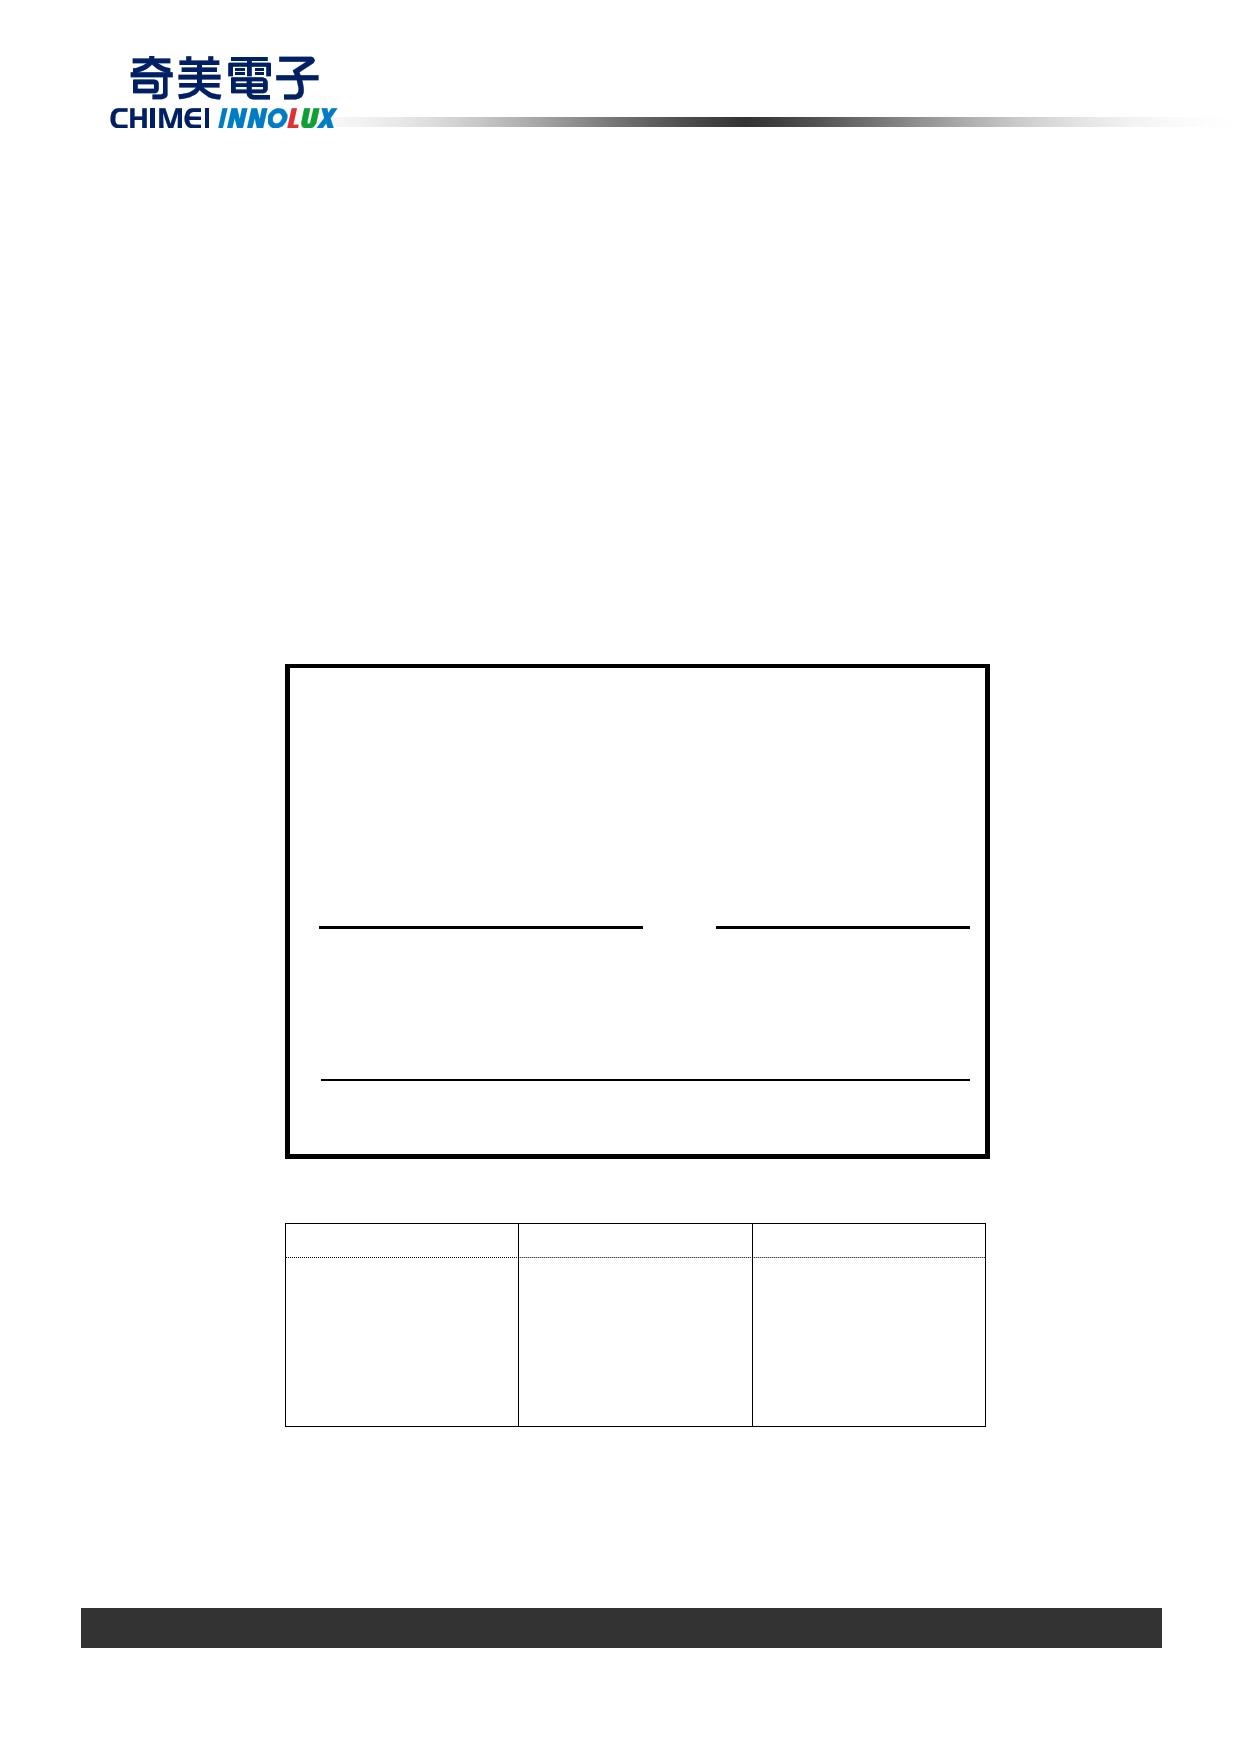 G104AGE-L02 Datasheet, G104AGE-L02 PDF,ピン配置, 機能